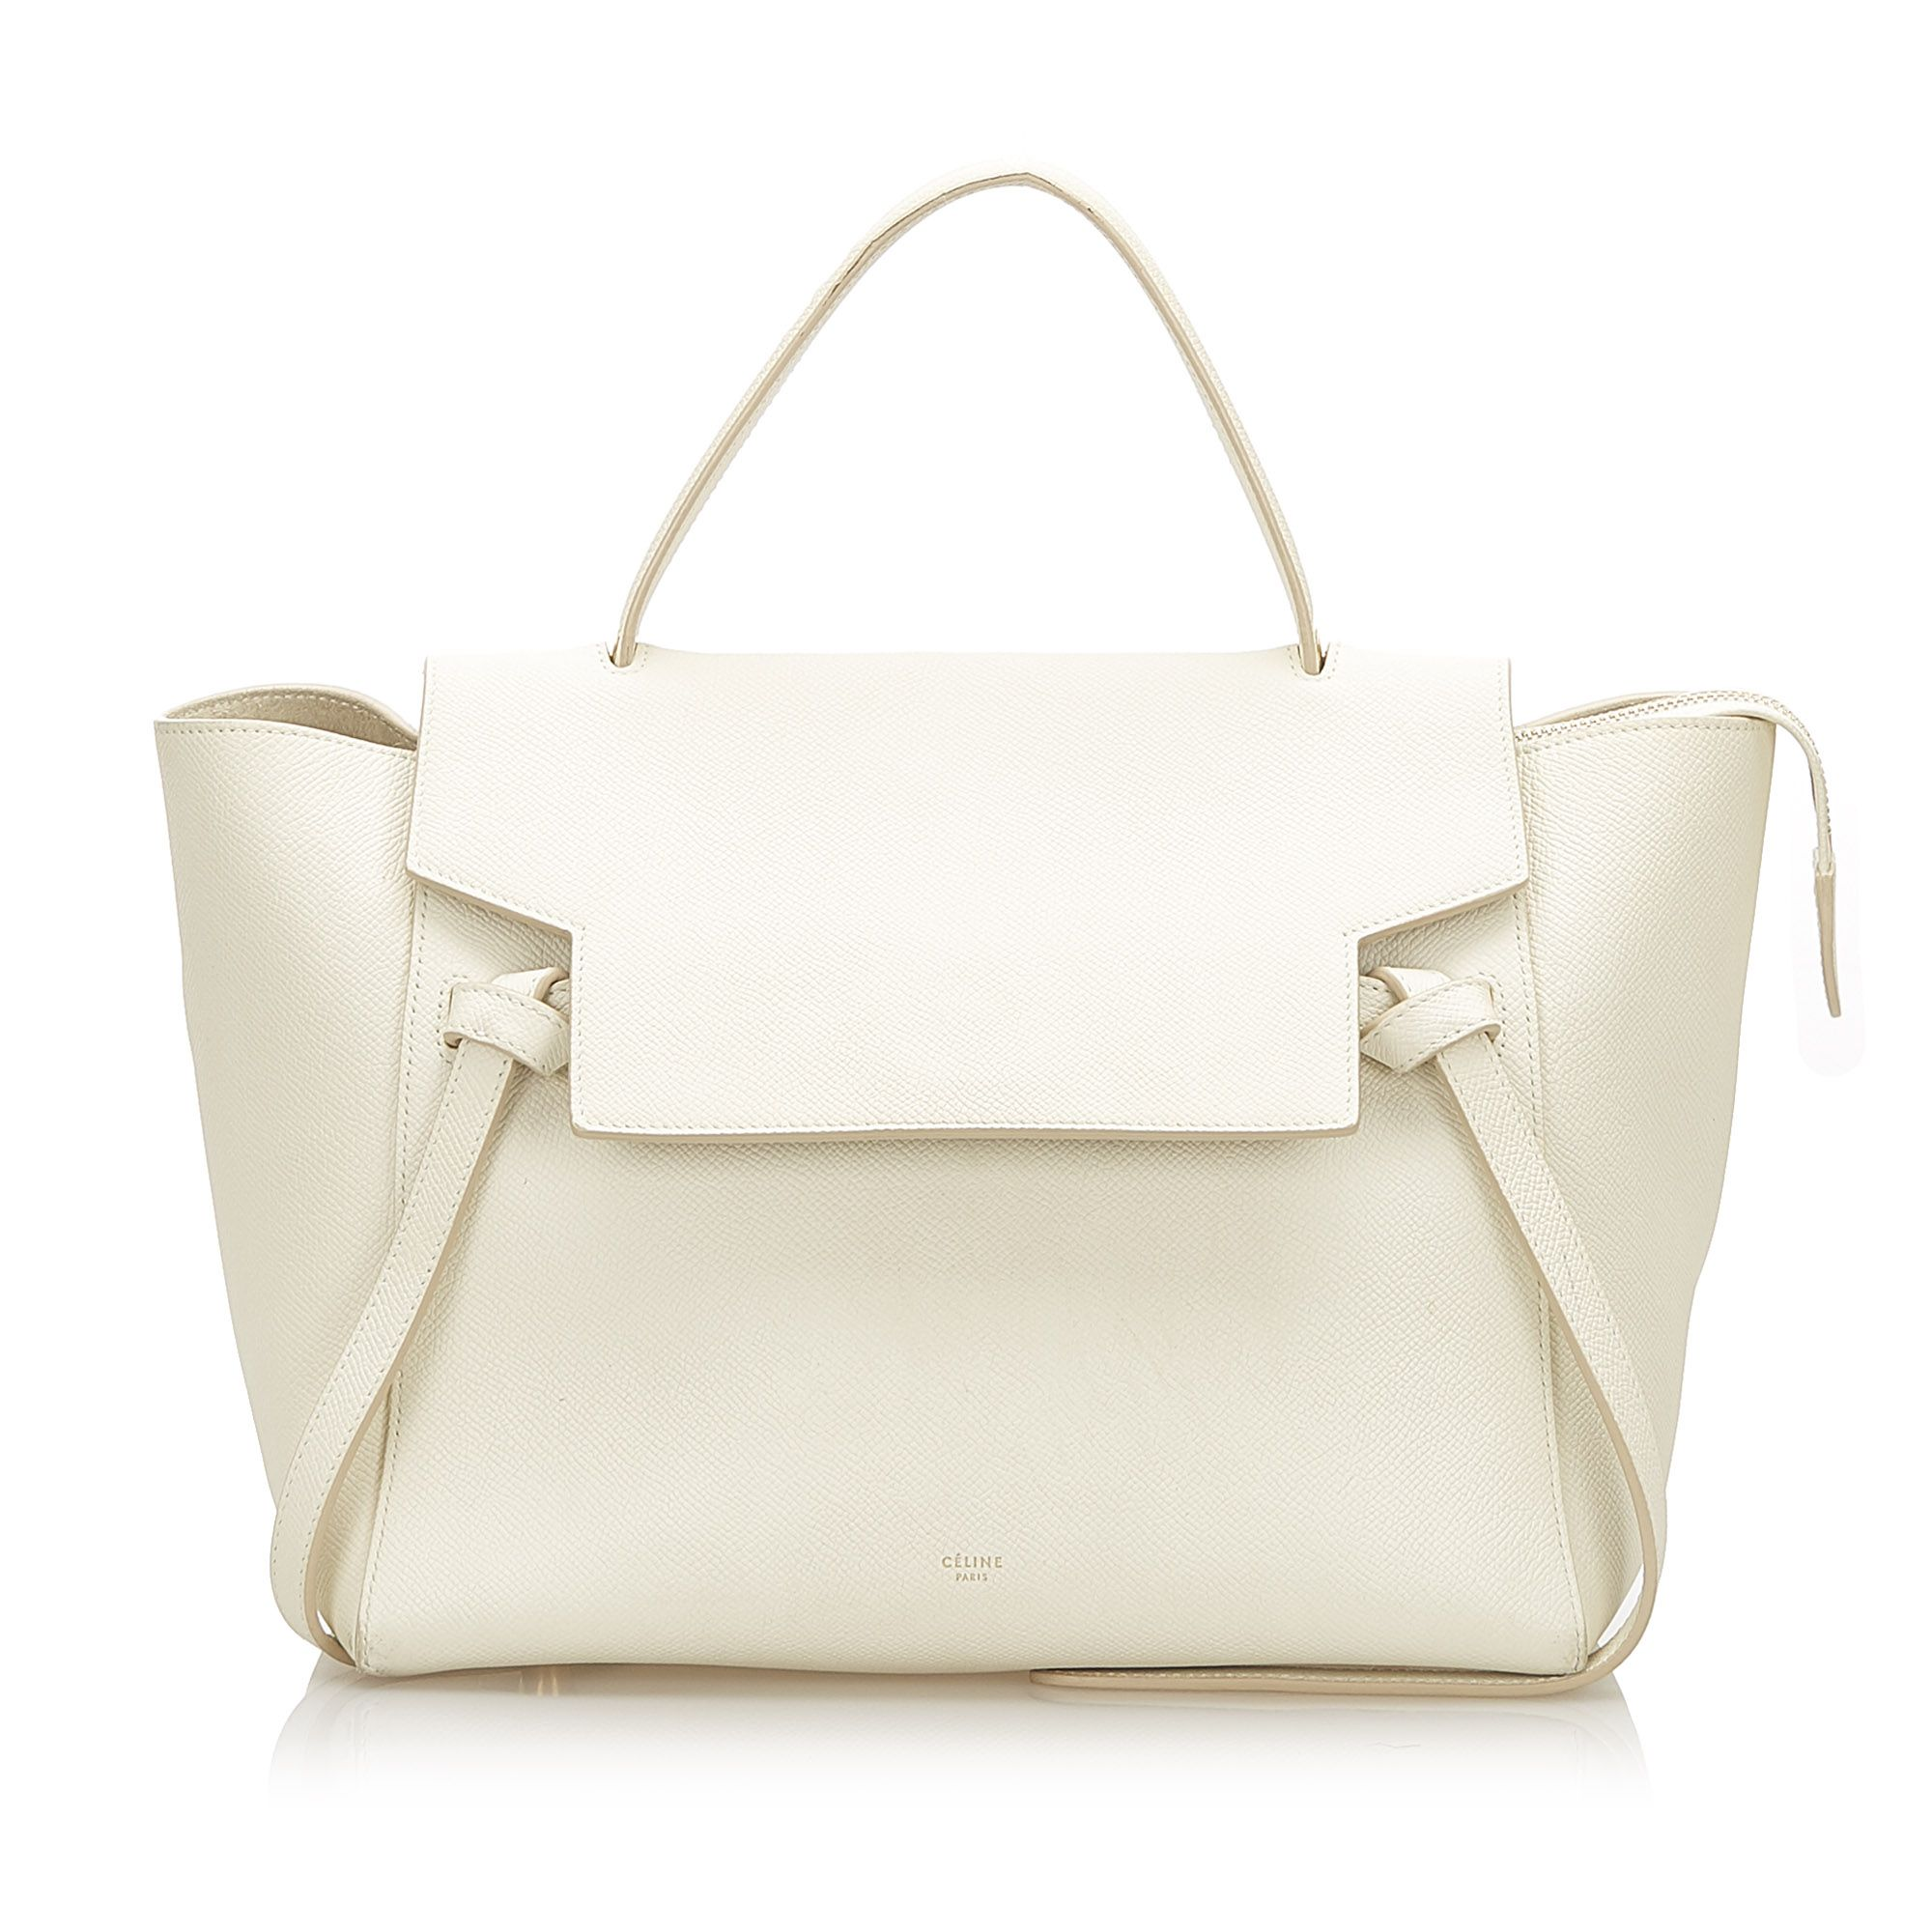 Vintage Celine Belt Leather Handbag White